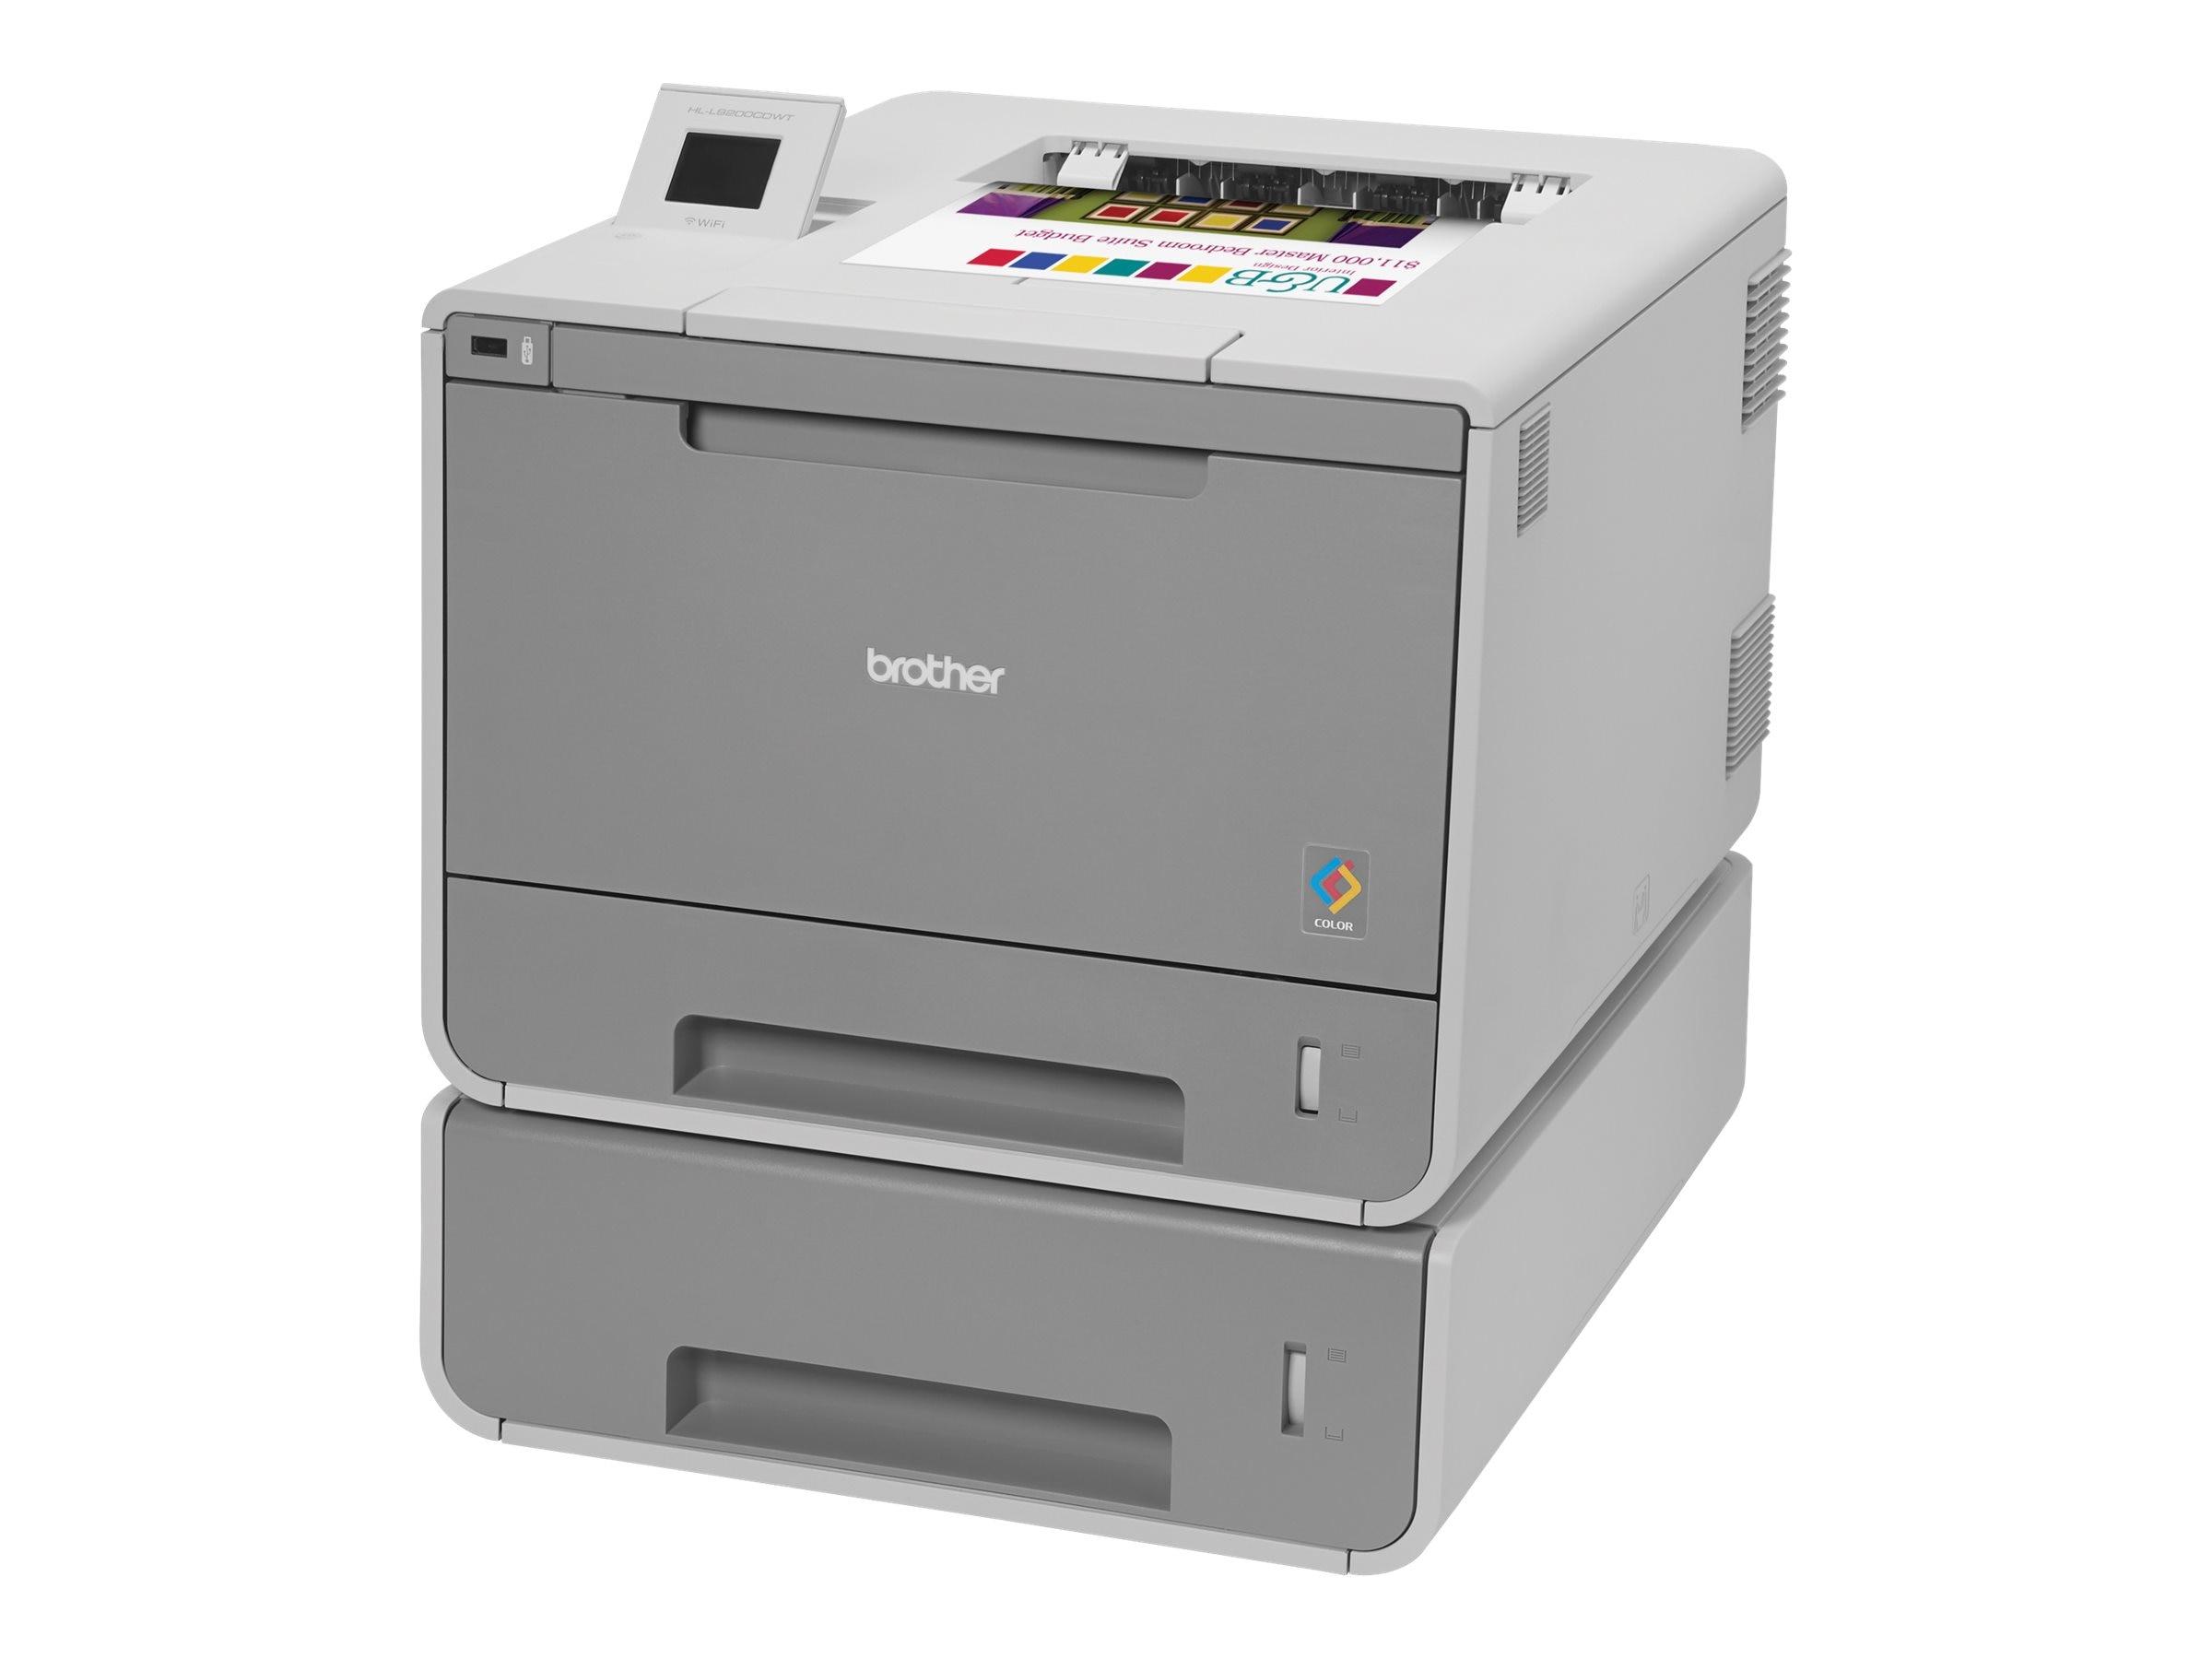 Brother HL-L9200CDWT Color Laser Printer